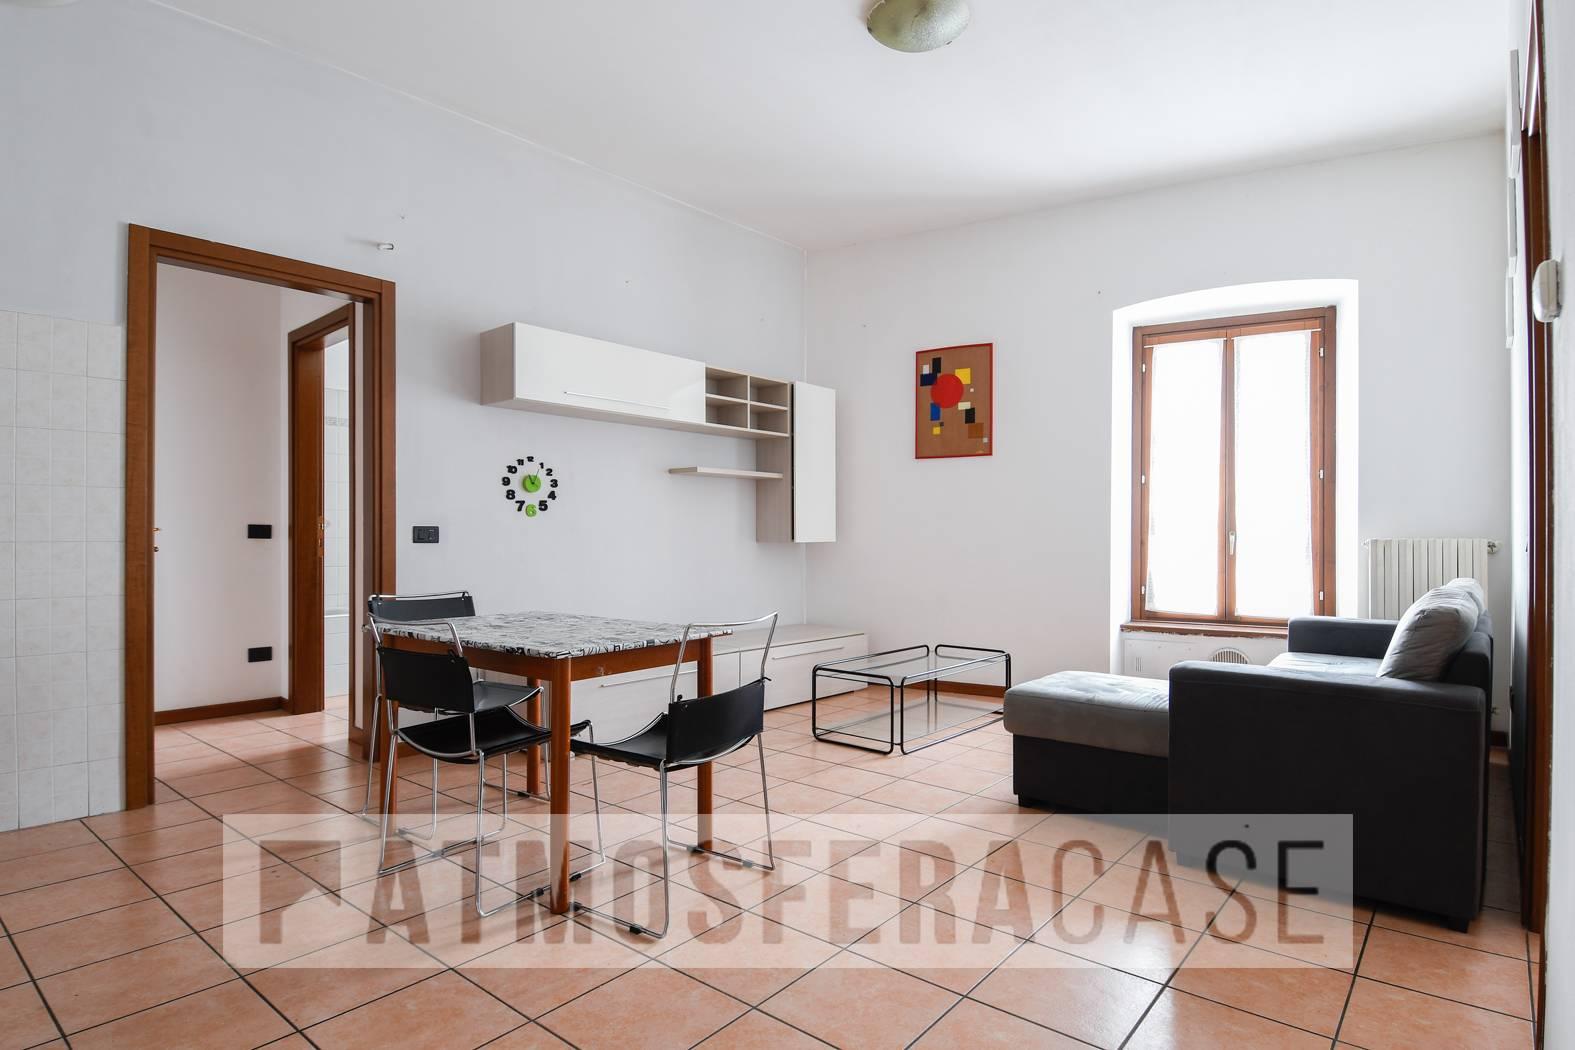 Appartamento in vendita a Ranica, 2 locali, prezzo € 89.000   CambioCasa.it